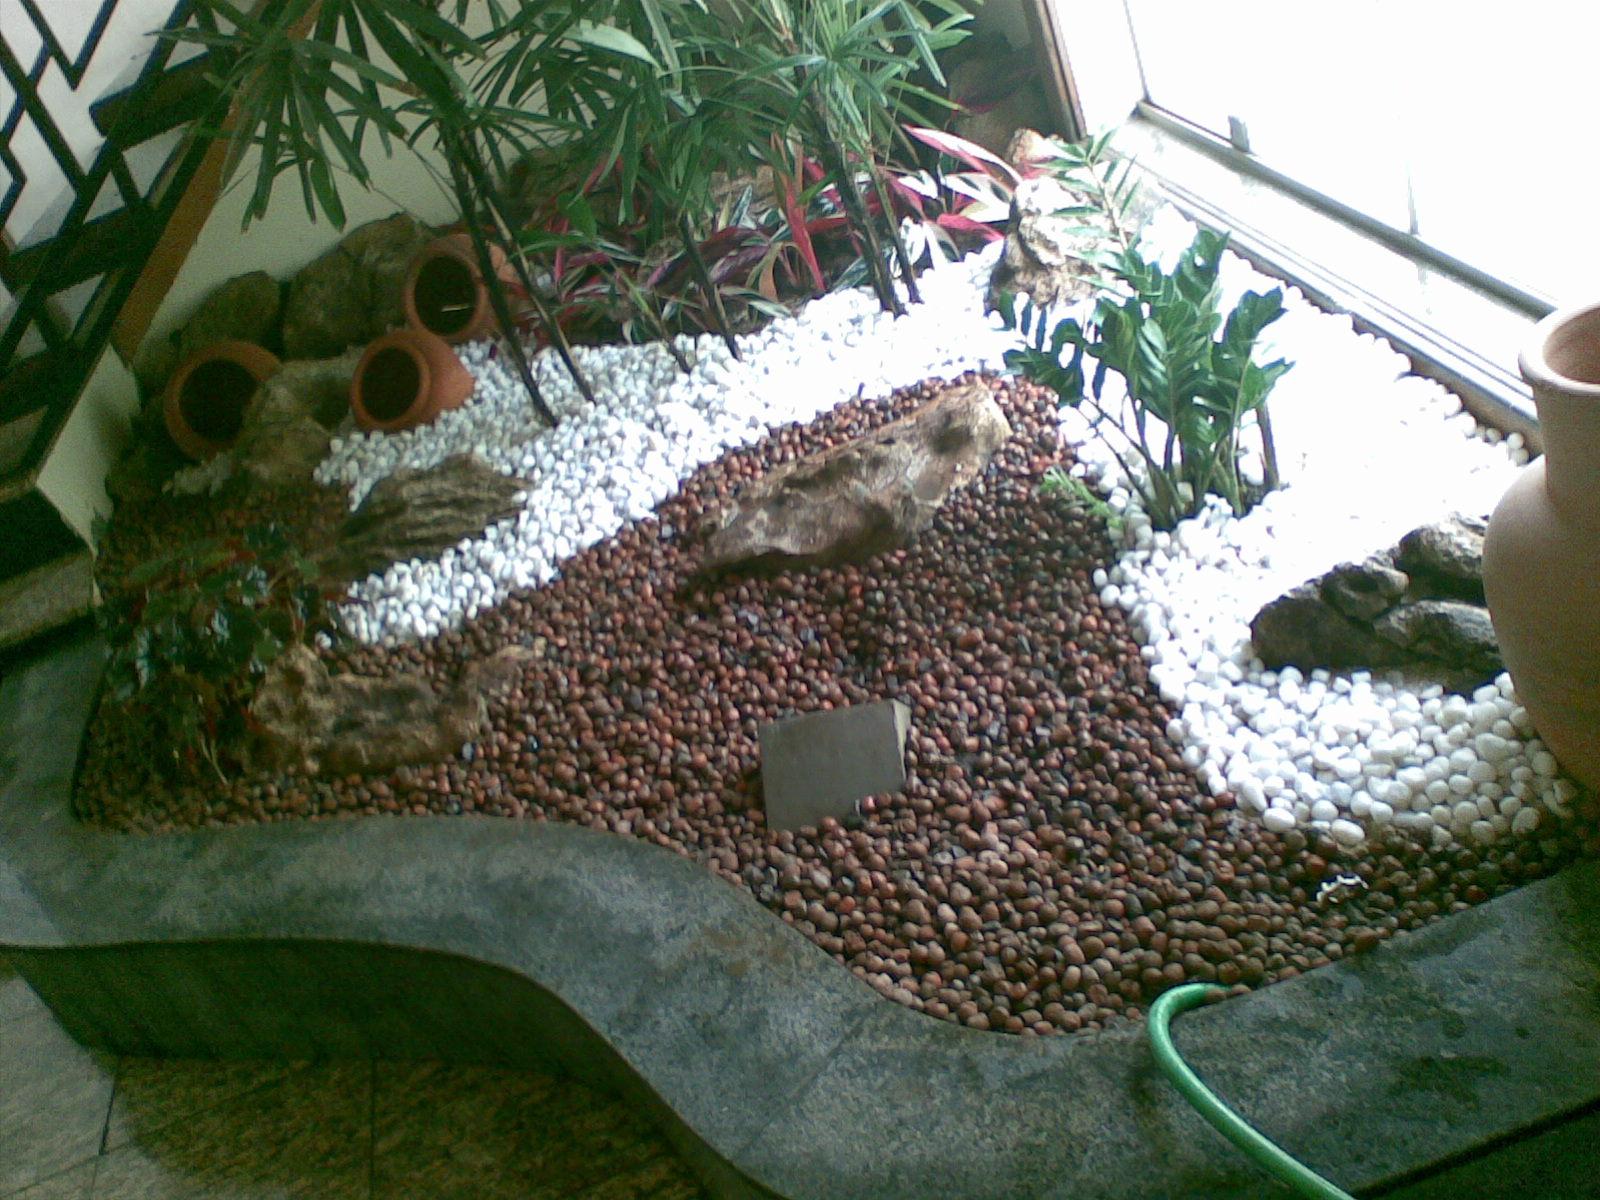 #2B371F escada no jardim de inverno:Jardim De Inverno Embaixo Da Escada 1600x1200 px Banheiro Embaixo Da Escada 3211